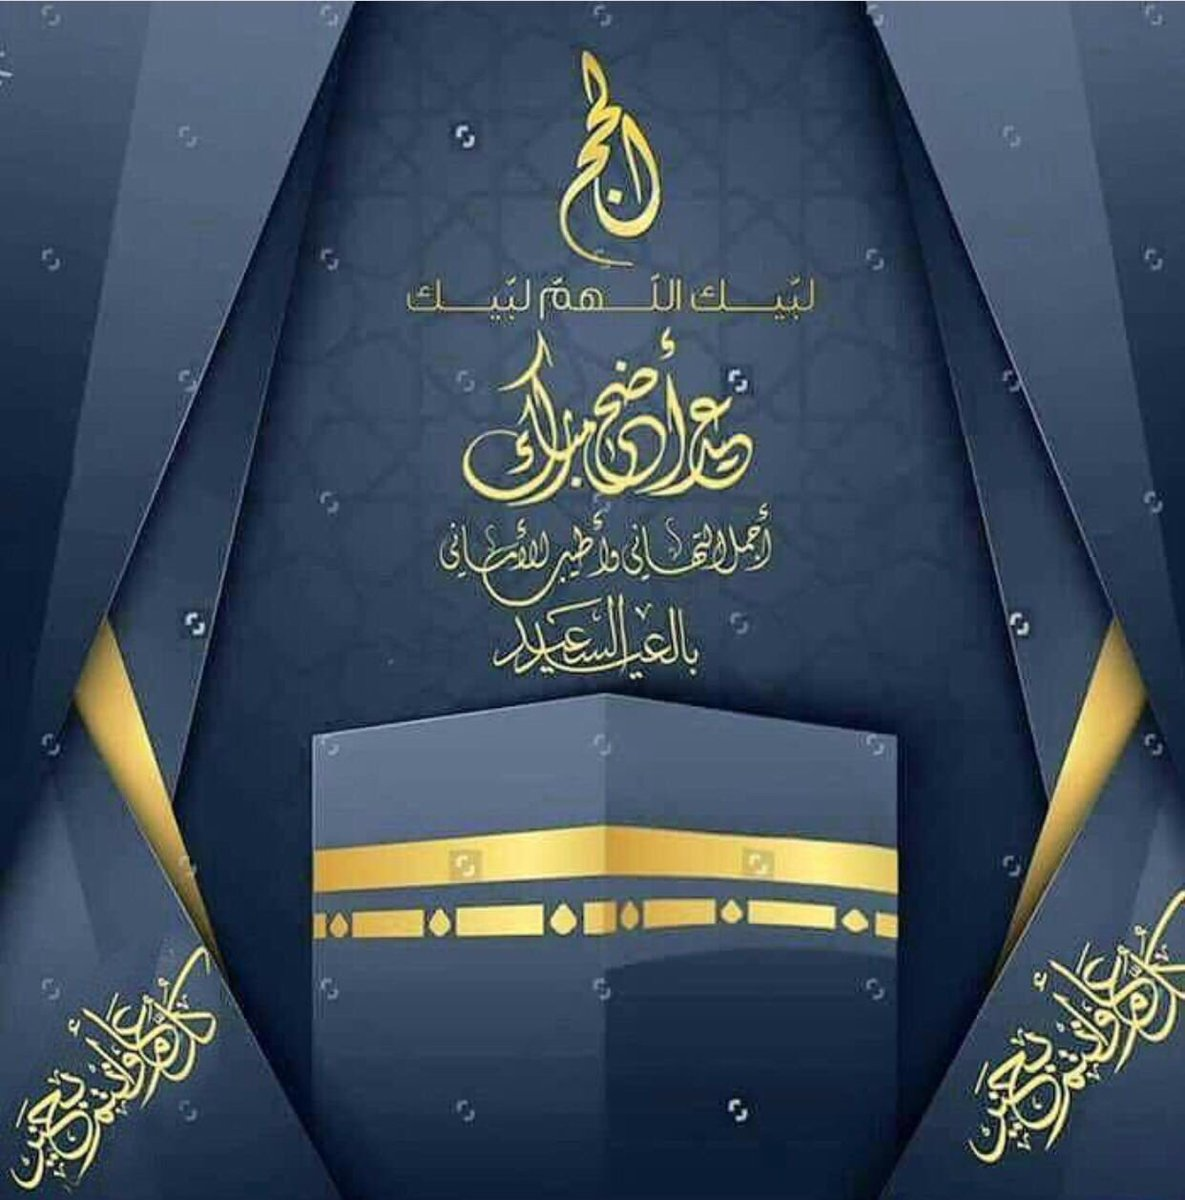 الرد على عيدكم مبارك اذا احد قالي عيدك مبارك وش ترد اقول الموقع المثالي